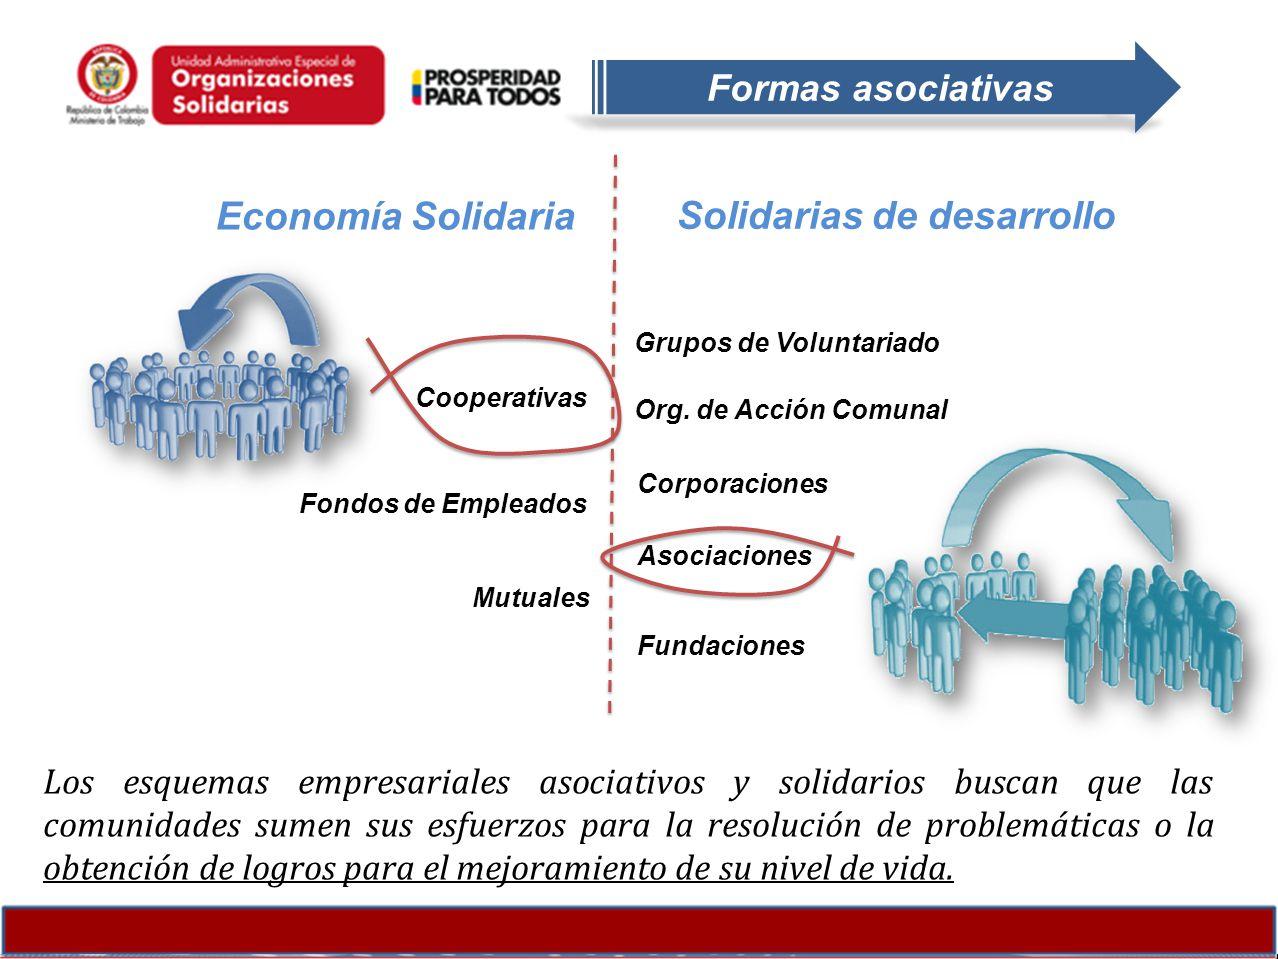 Los esquemas empresariales asociativos y solidarios buscan que las comunidades sumen sus esfuerzos para la resolución de problemáticas o la obtención